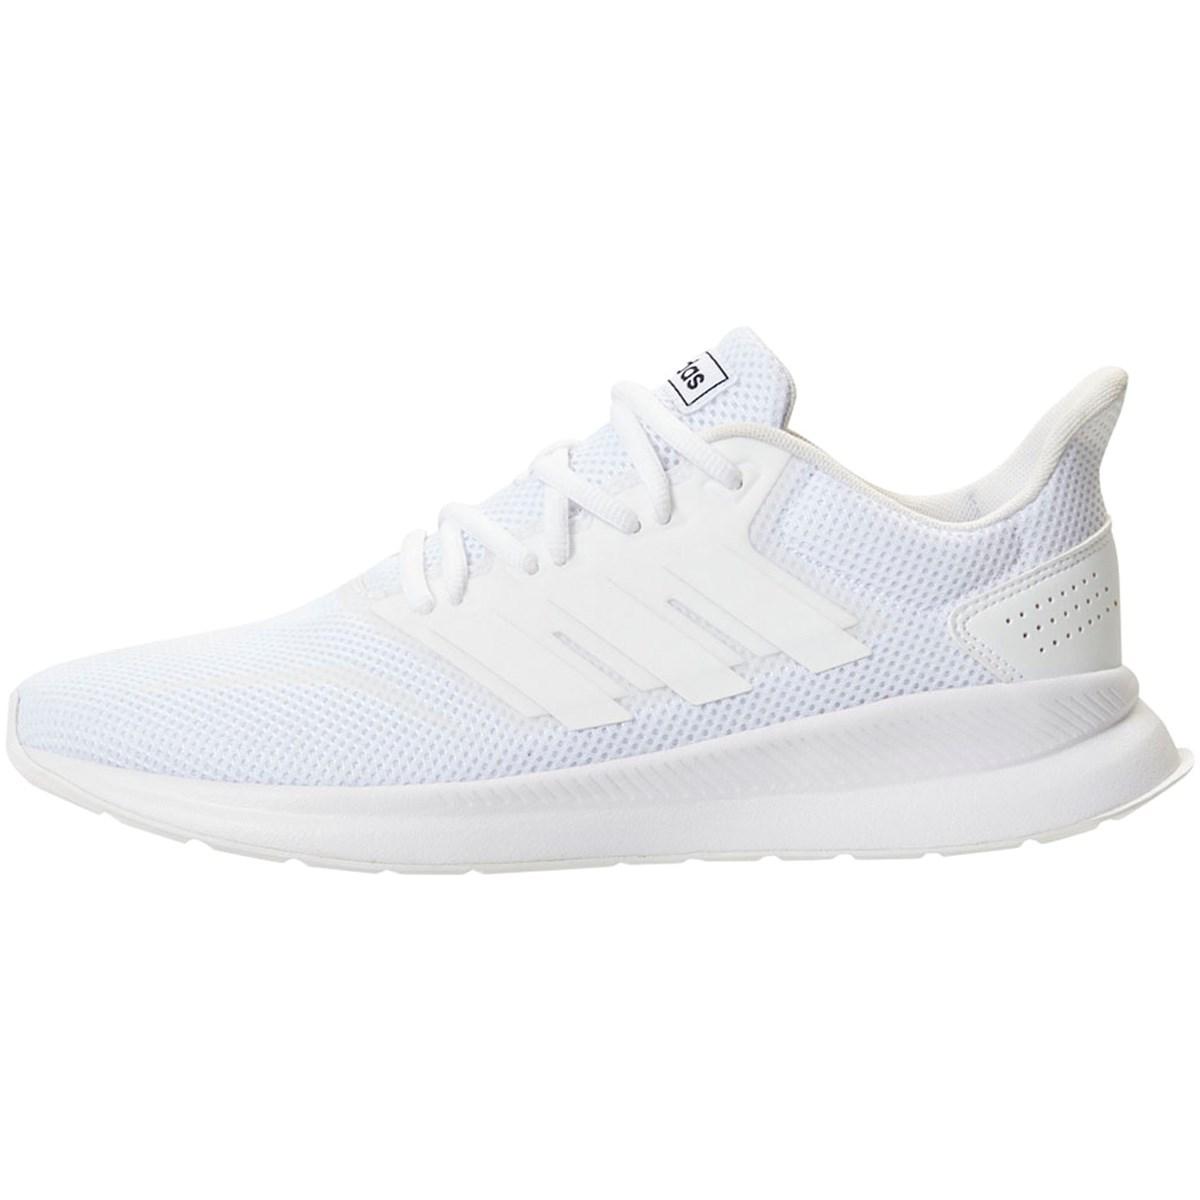 アディダス(adidas) FALCONRUN M シューズ